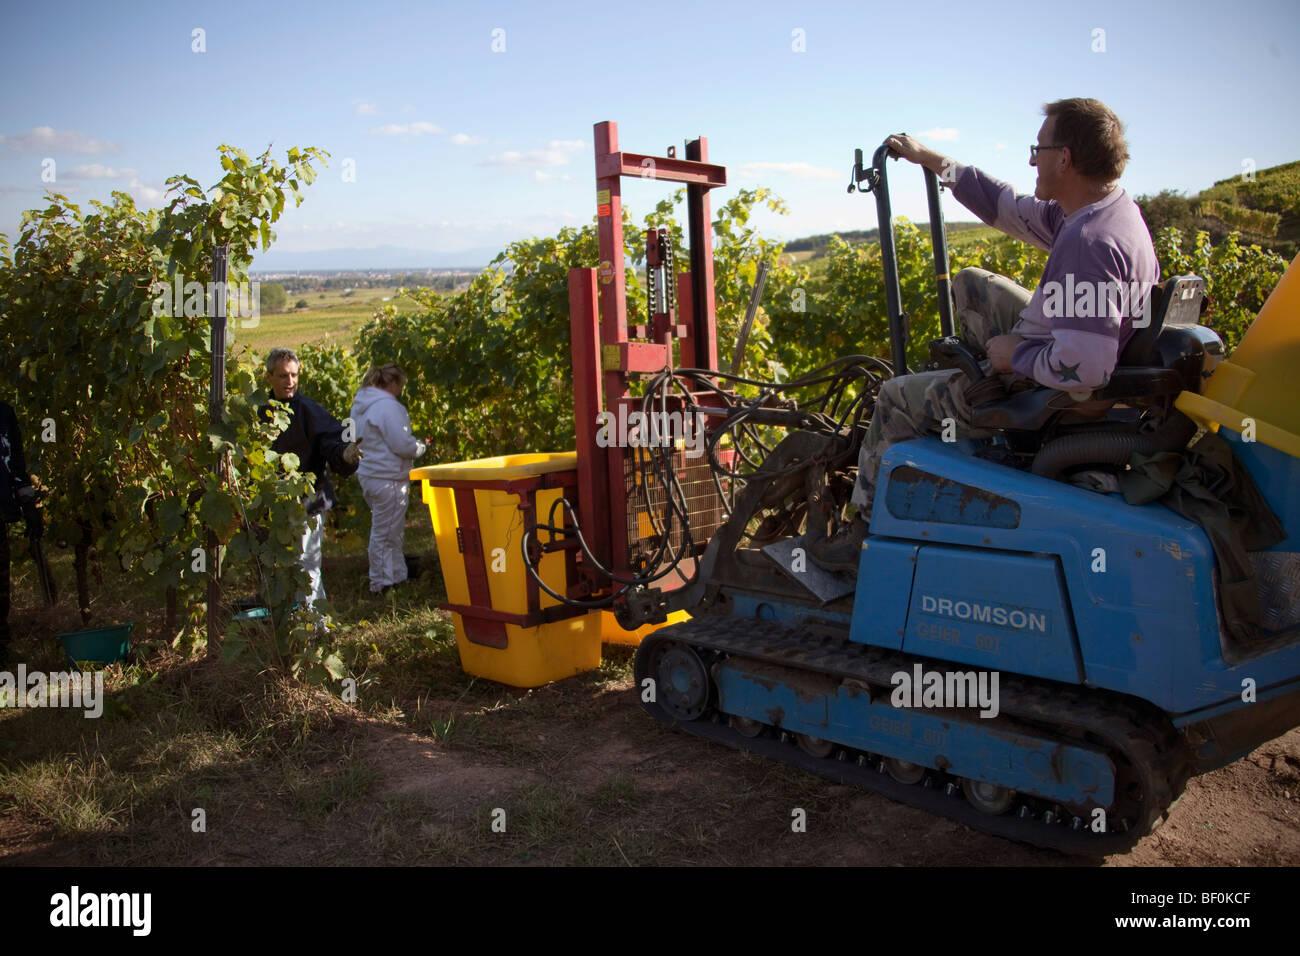 Vendanges trattore di raccolta delle uve Alsazia lungo la Route des vins villaggi, Autunno, Alsace Haut Rhin, Francia Immagini Stock